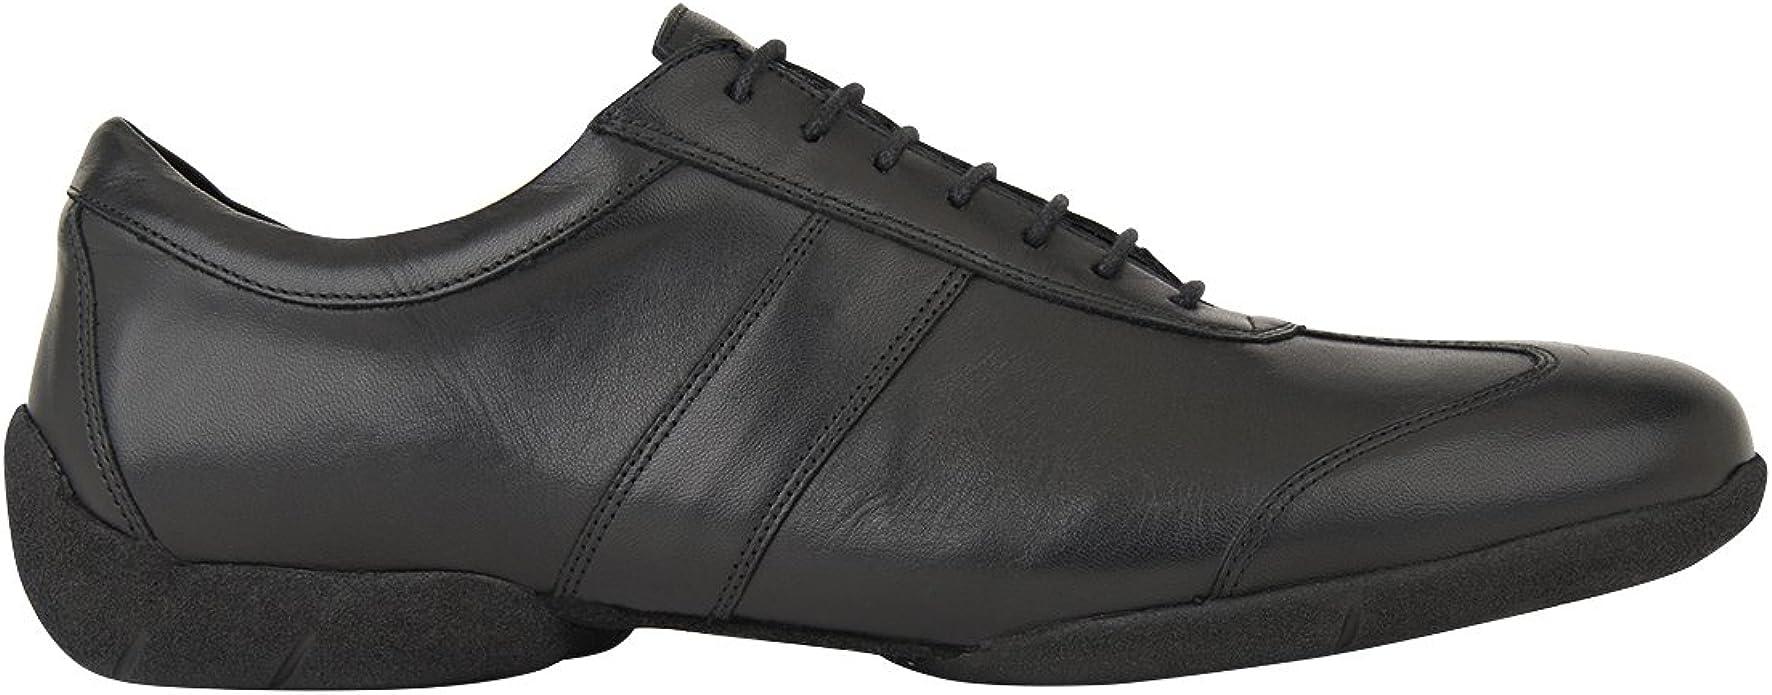 Rumpf Zapato Caballero 2130 Zapatos de Baile Cuero Salsa Rumba Tango Latino Sal/ón Est/ándar Foxtrot Escenario Teatro Profesional Tac/ón 2,5 cm Negro